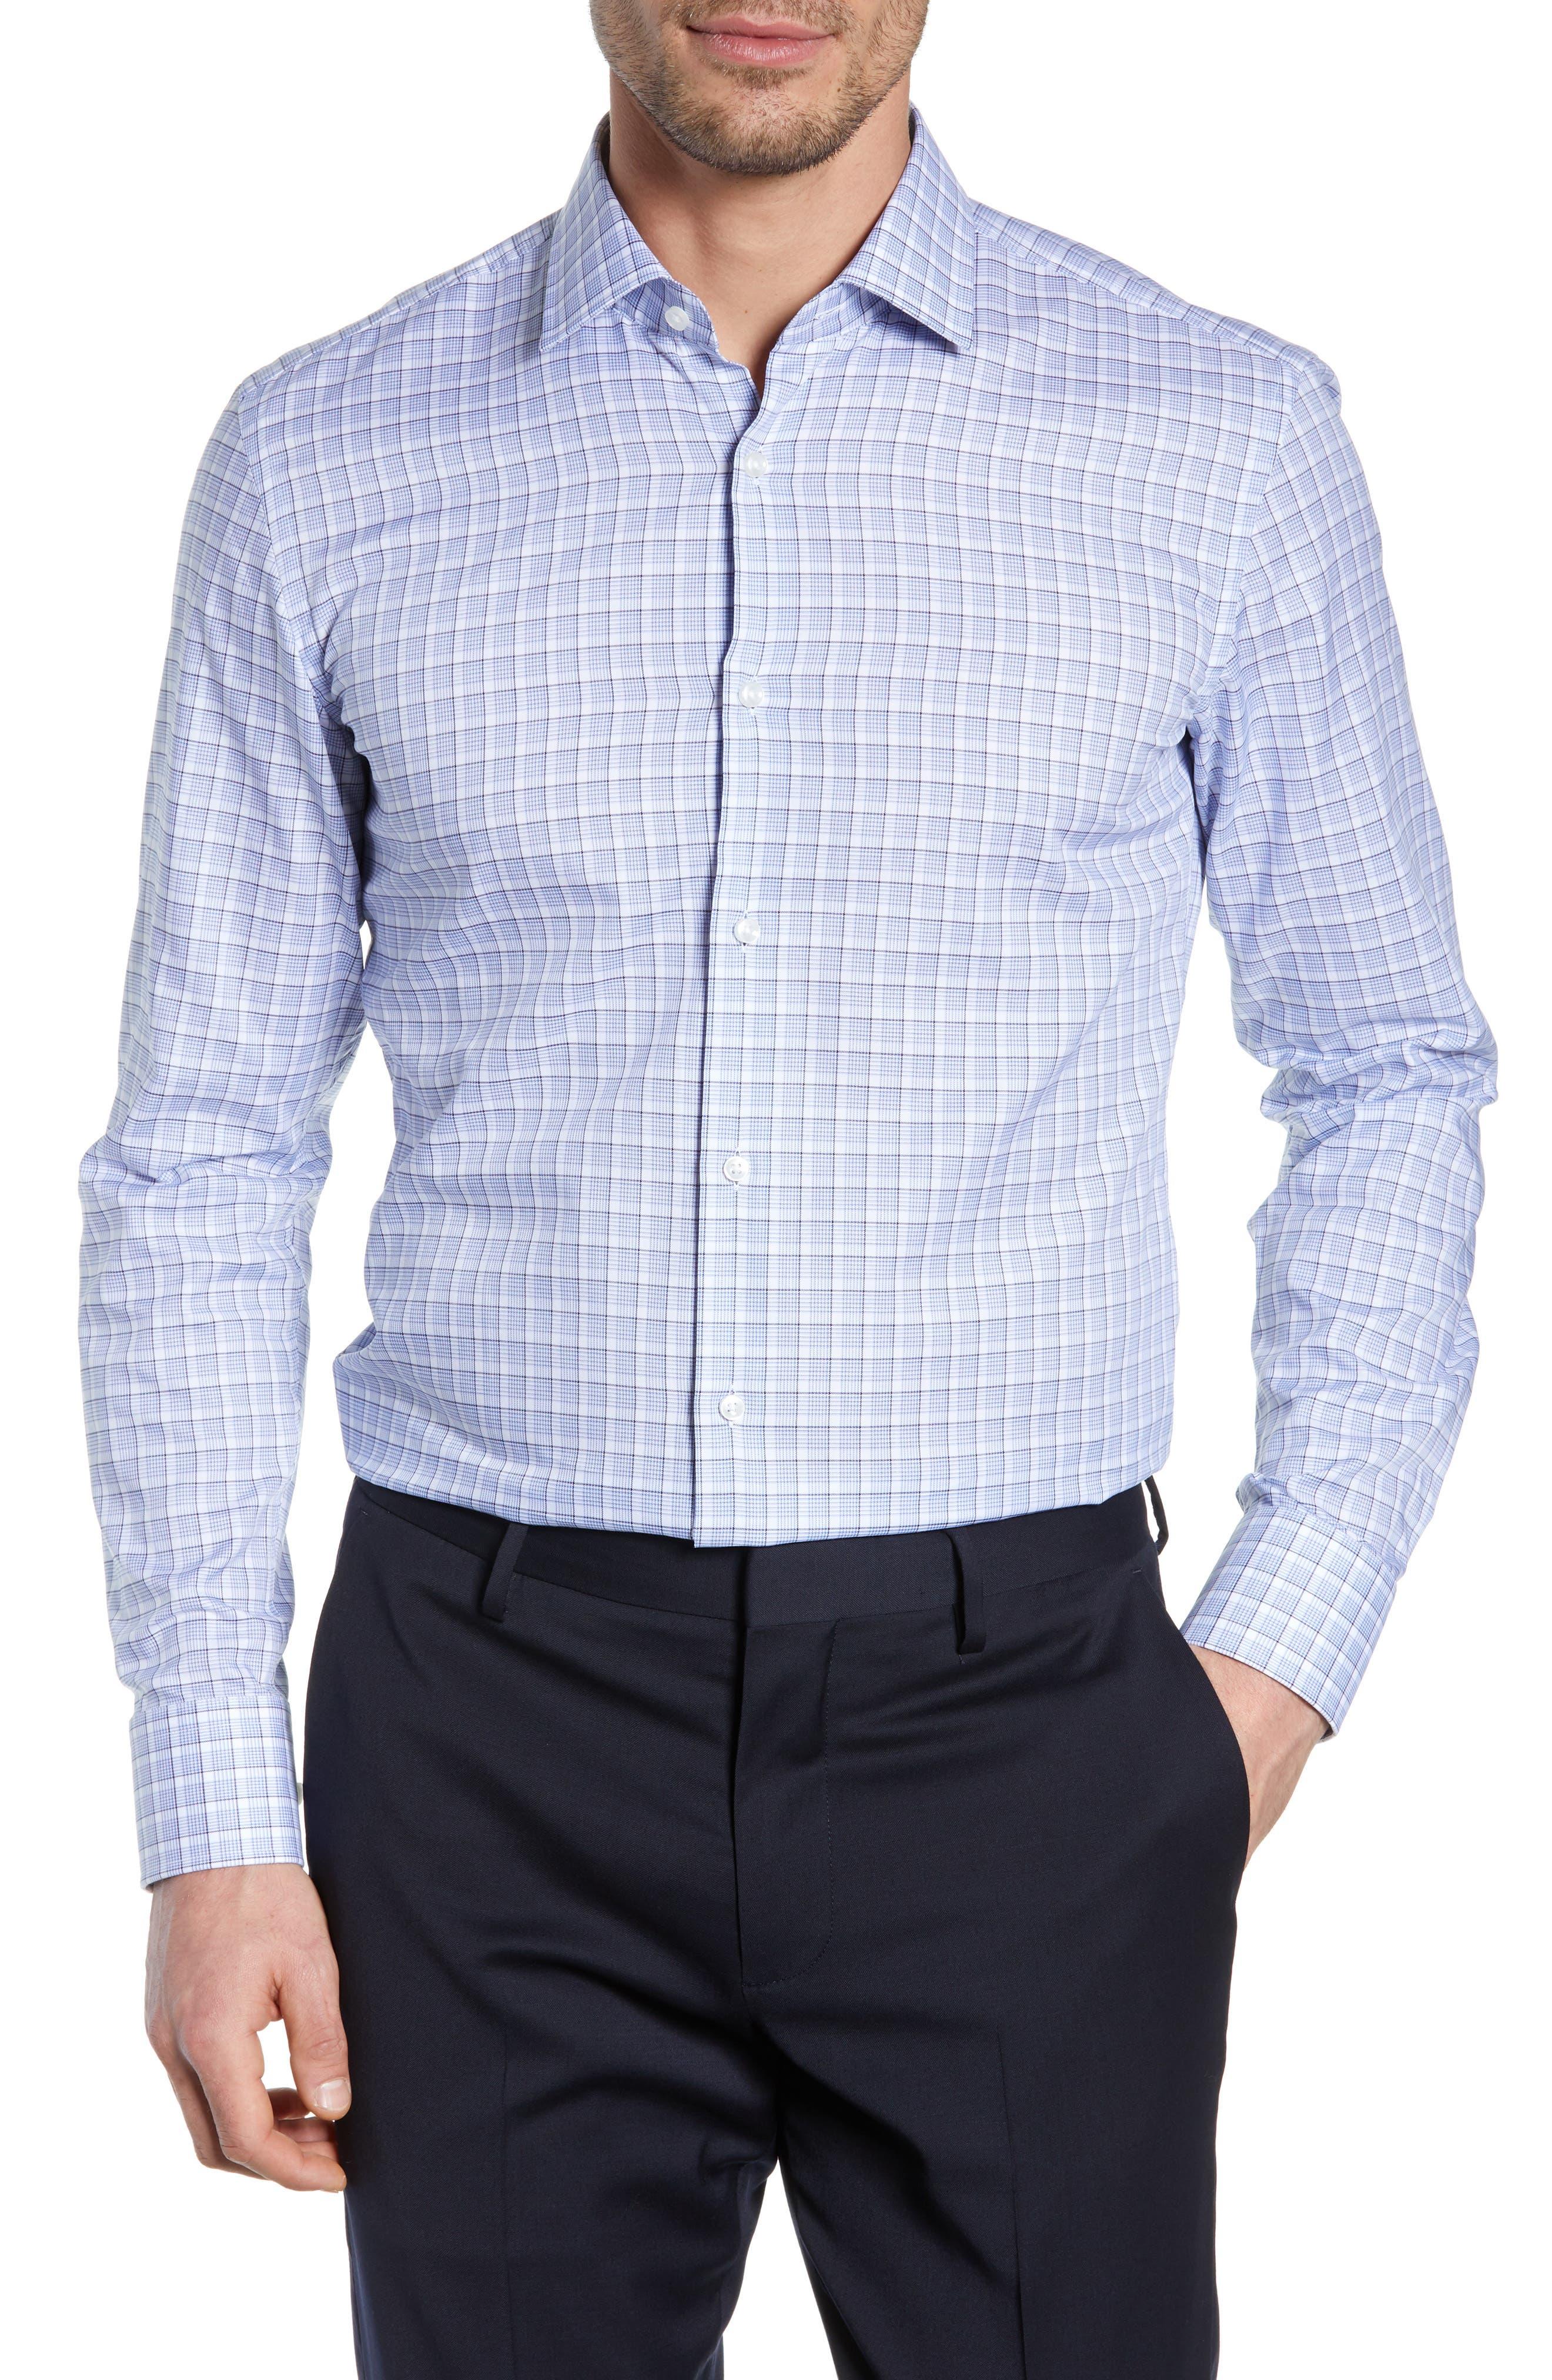 BOSS, Jenno Slim Fit Plaid Dress Shirt, Main thumbnail 1, color, BLUE